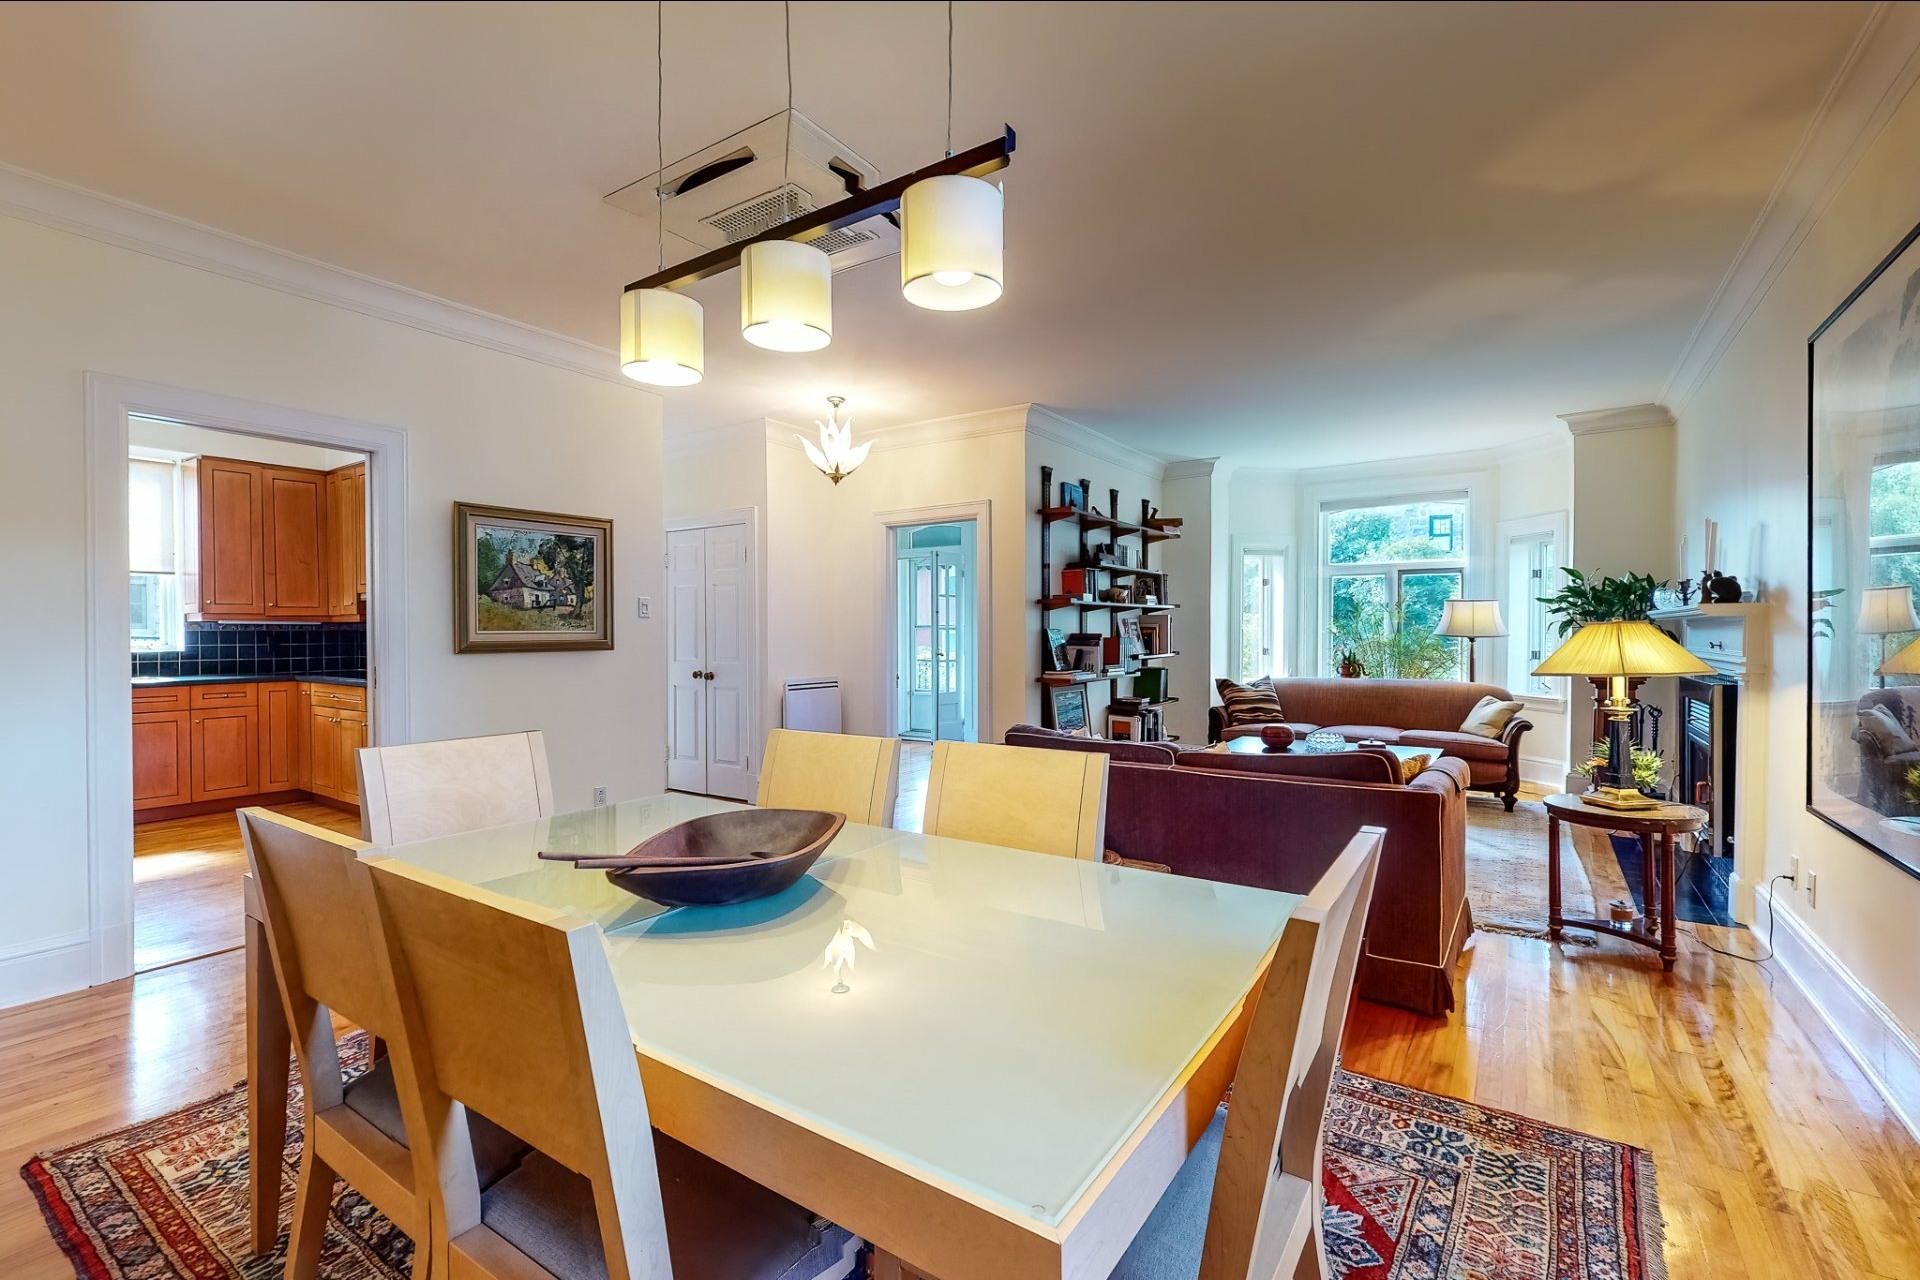 image 5 - Appartement À vendre Outremont Montréal  - 8 pièces